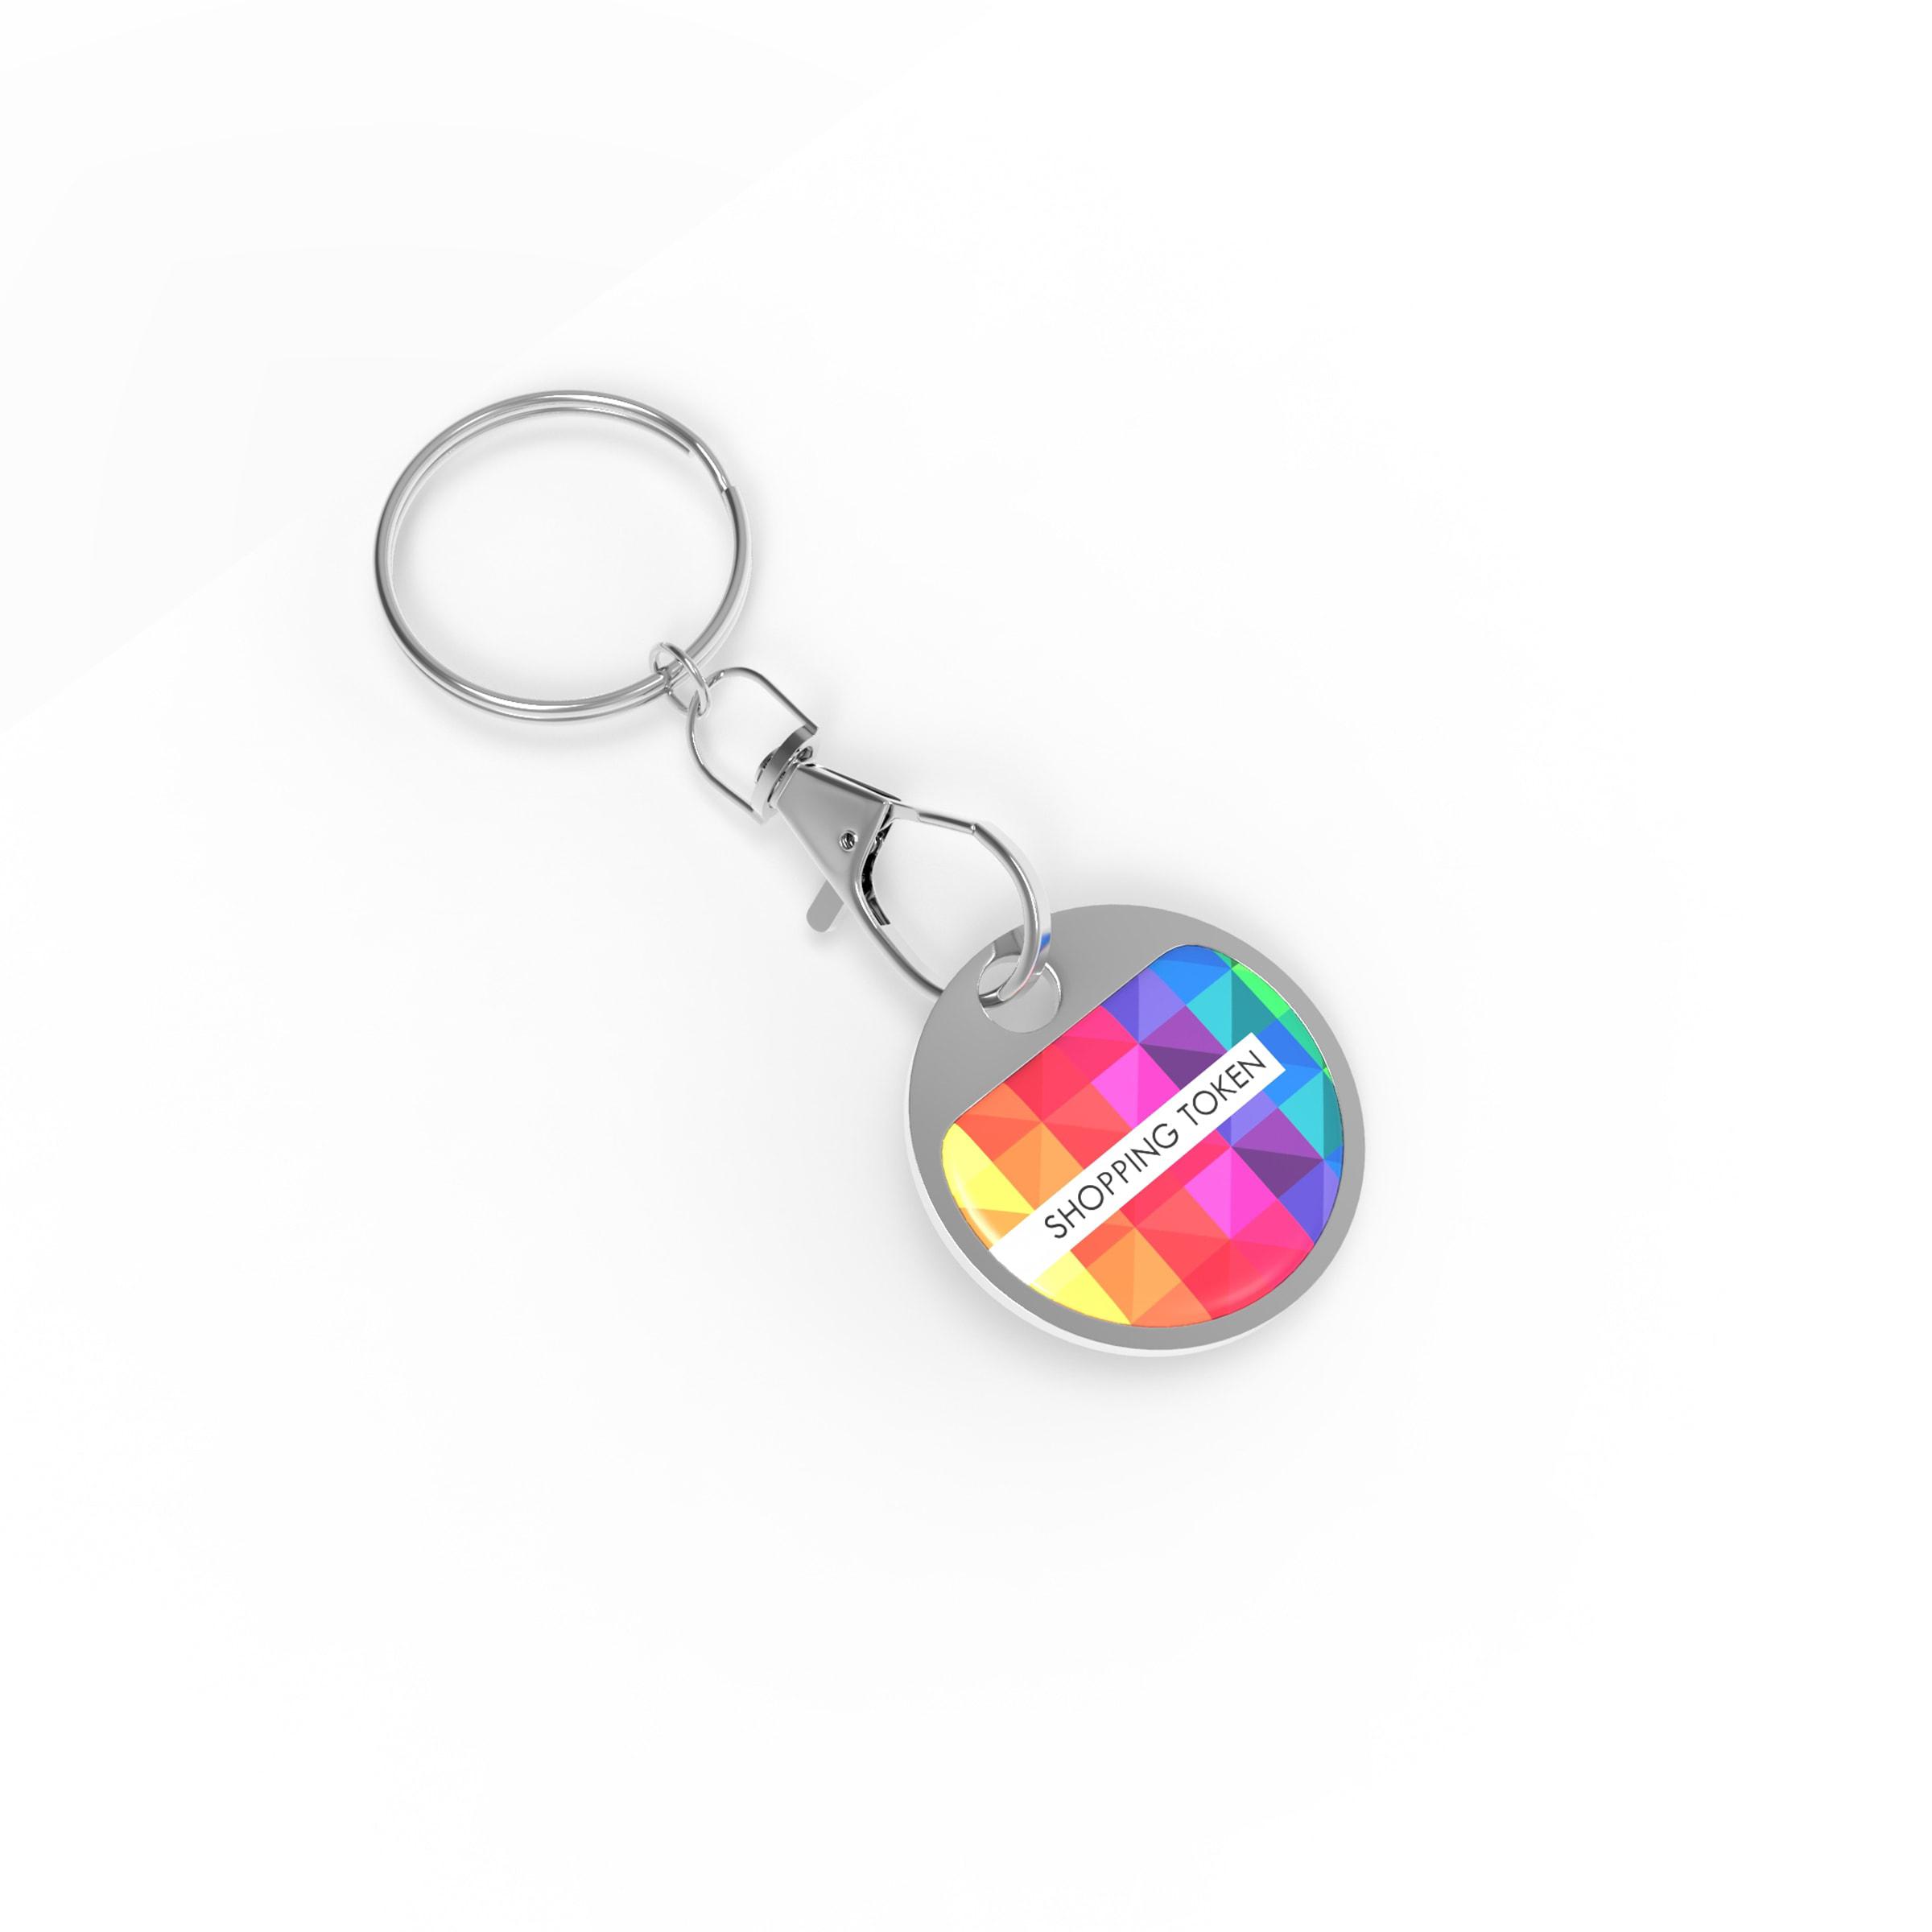 Porte-clés shooping Token